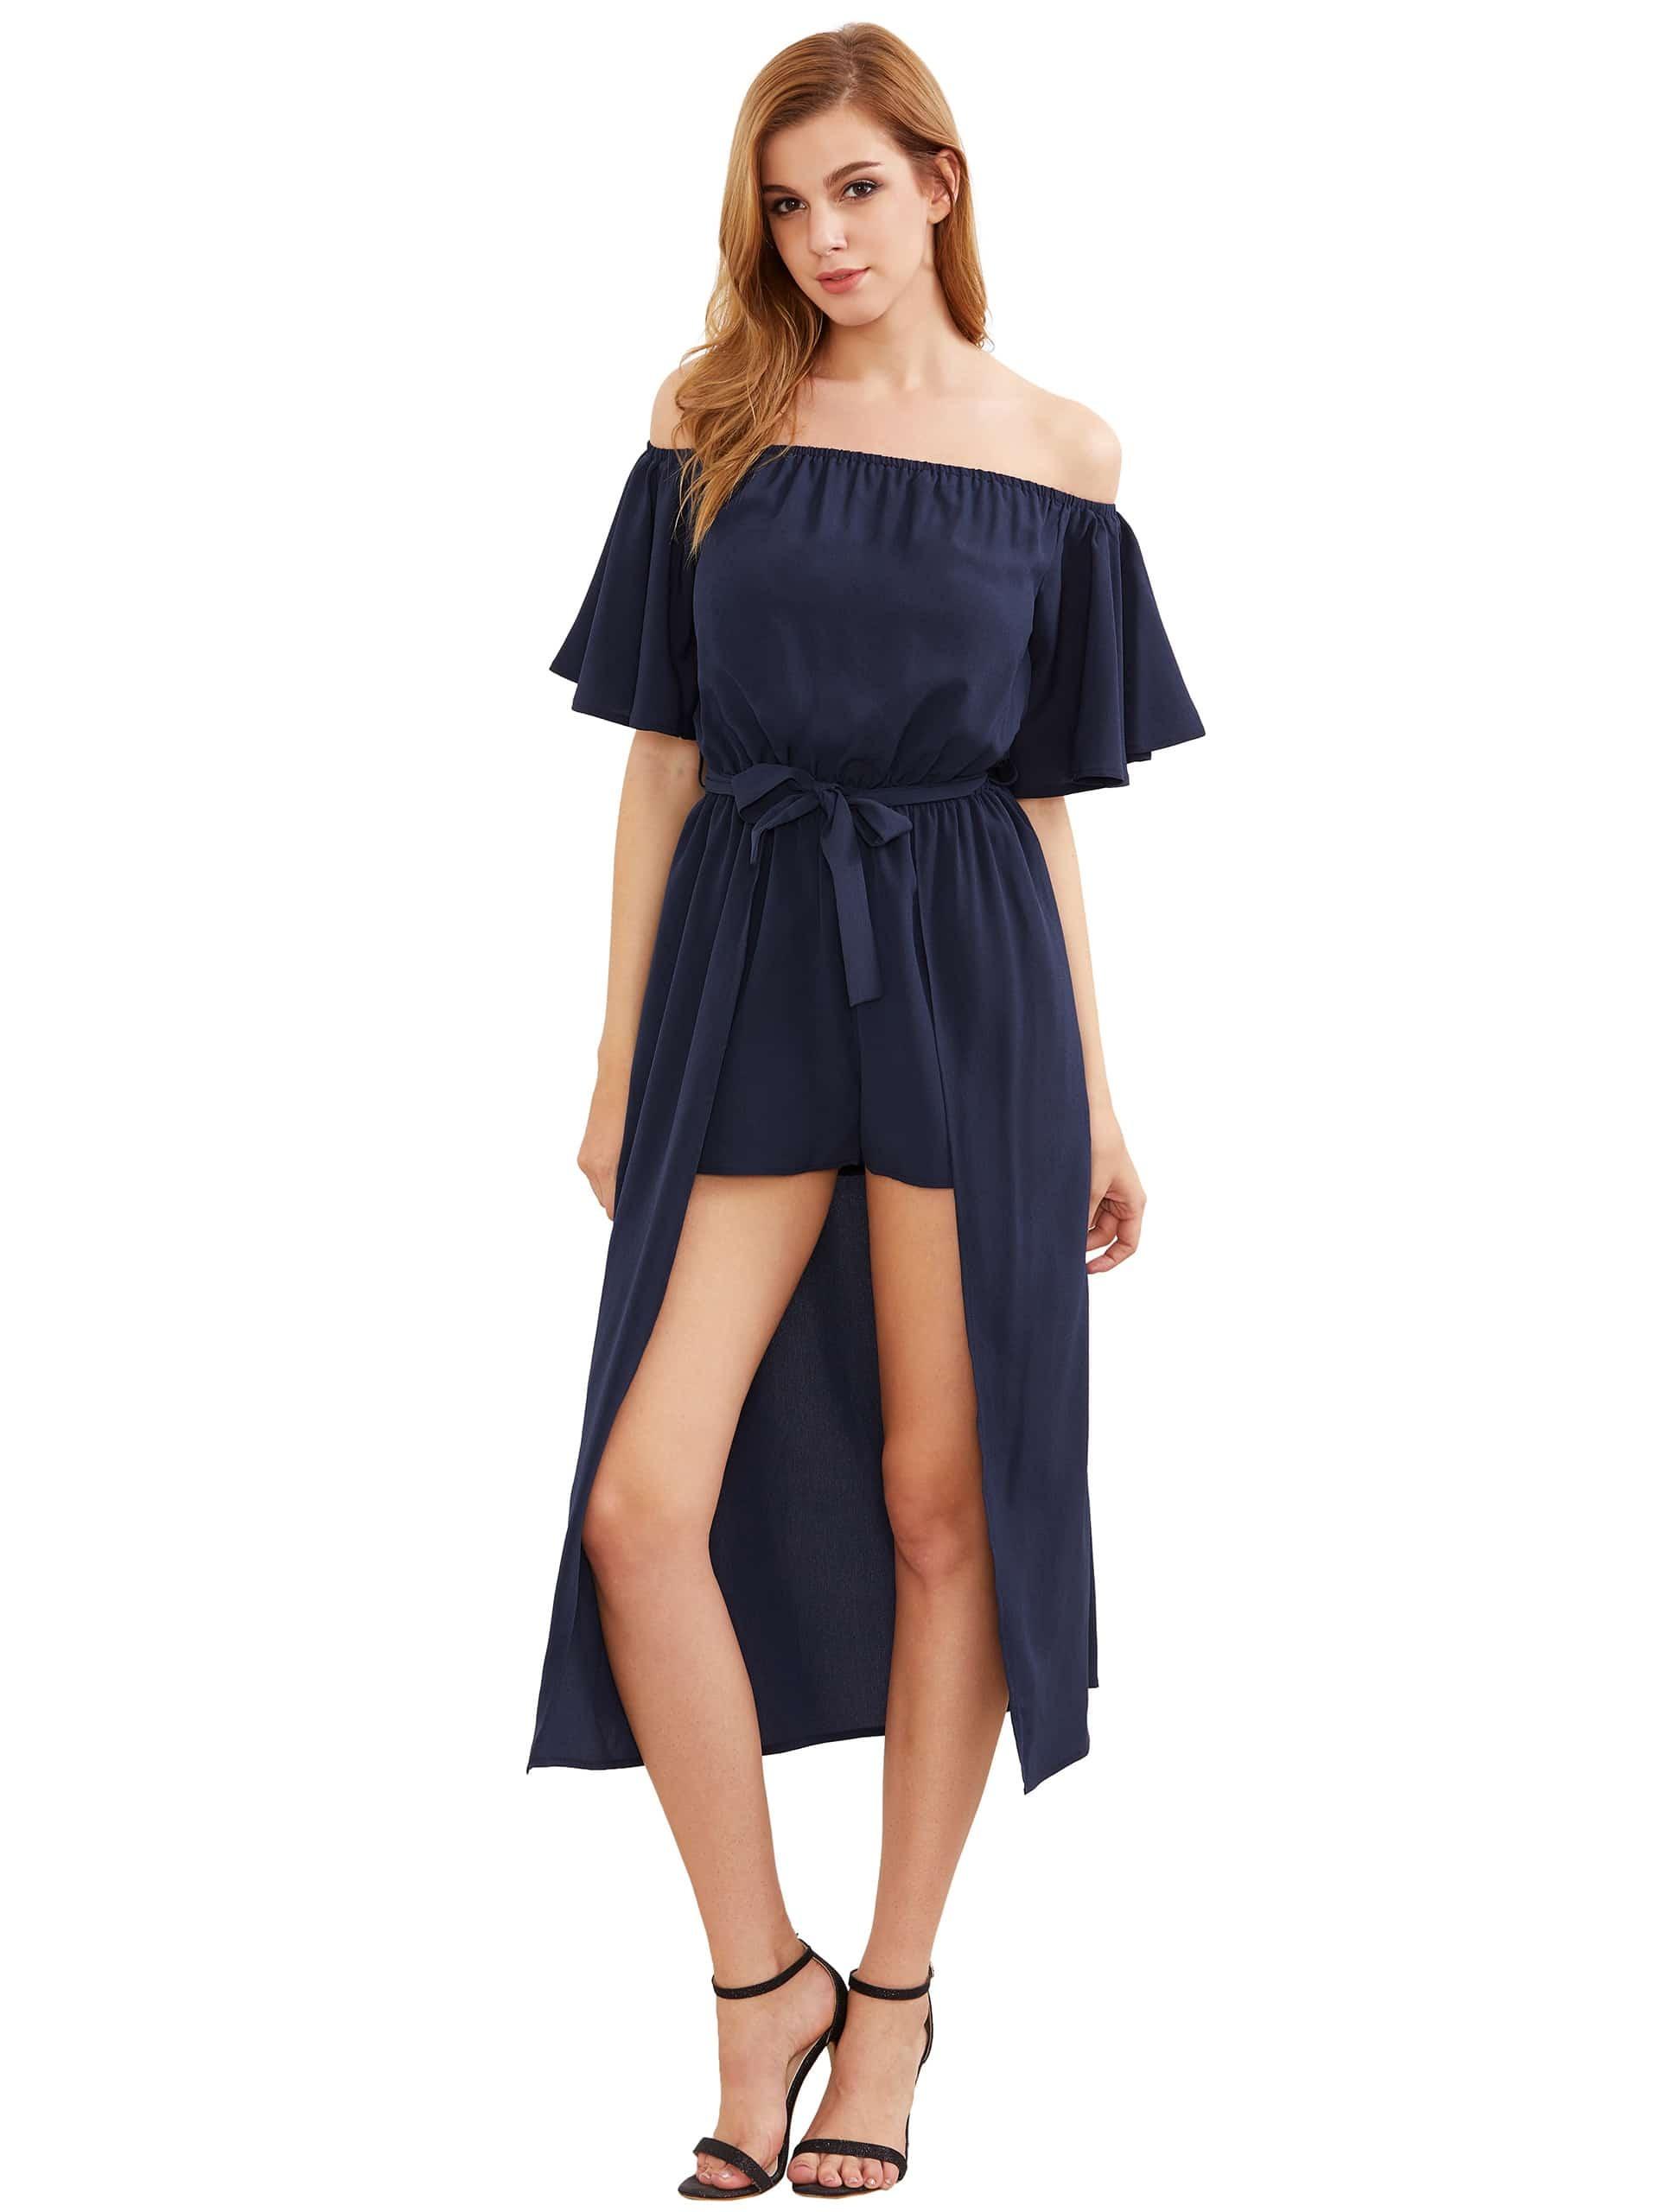 Фото Flounce Bardot Self Tie Playsuit With Skirt Overlay. Купить с доставкой